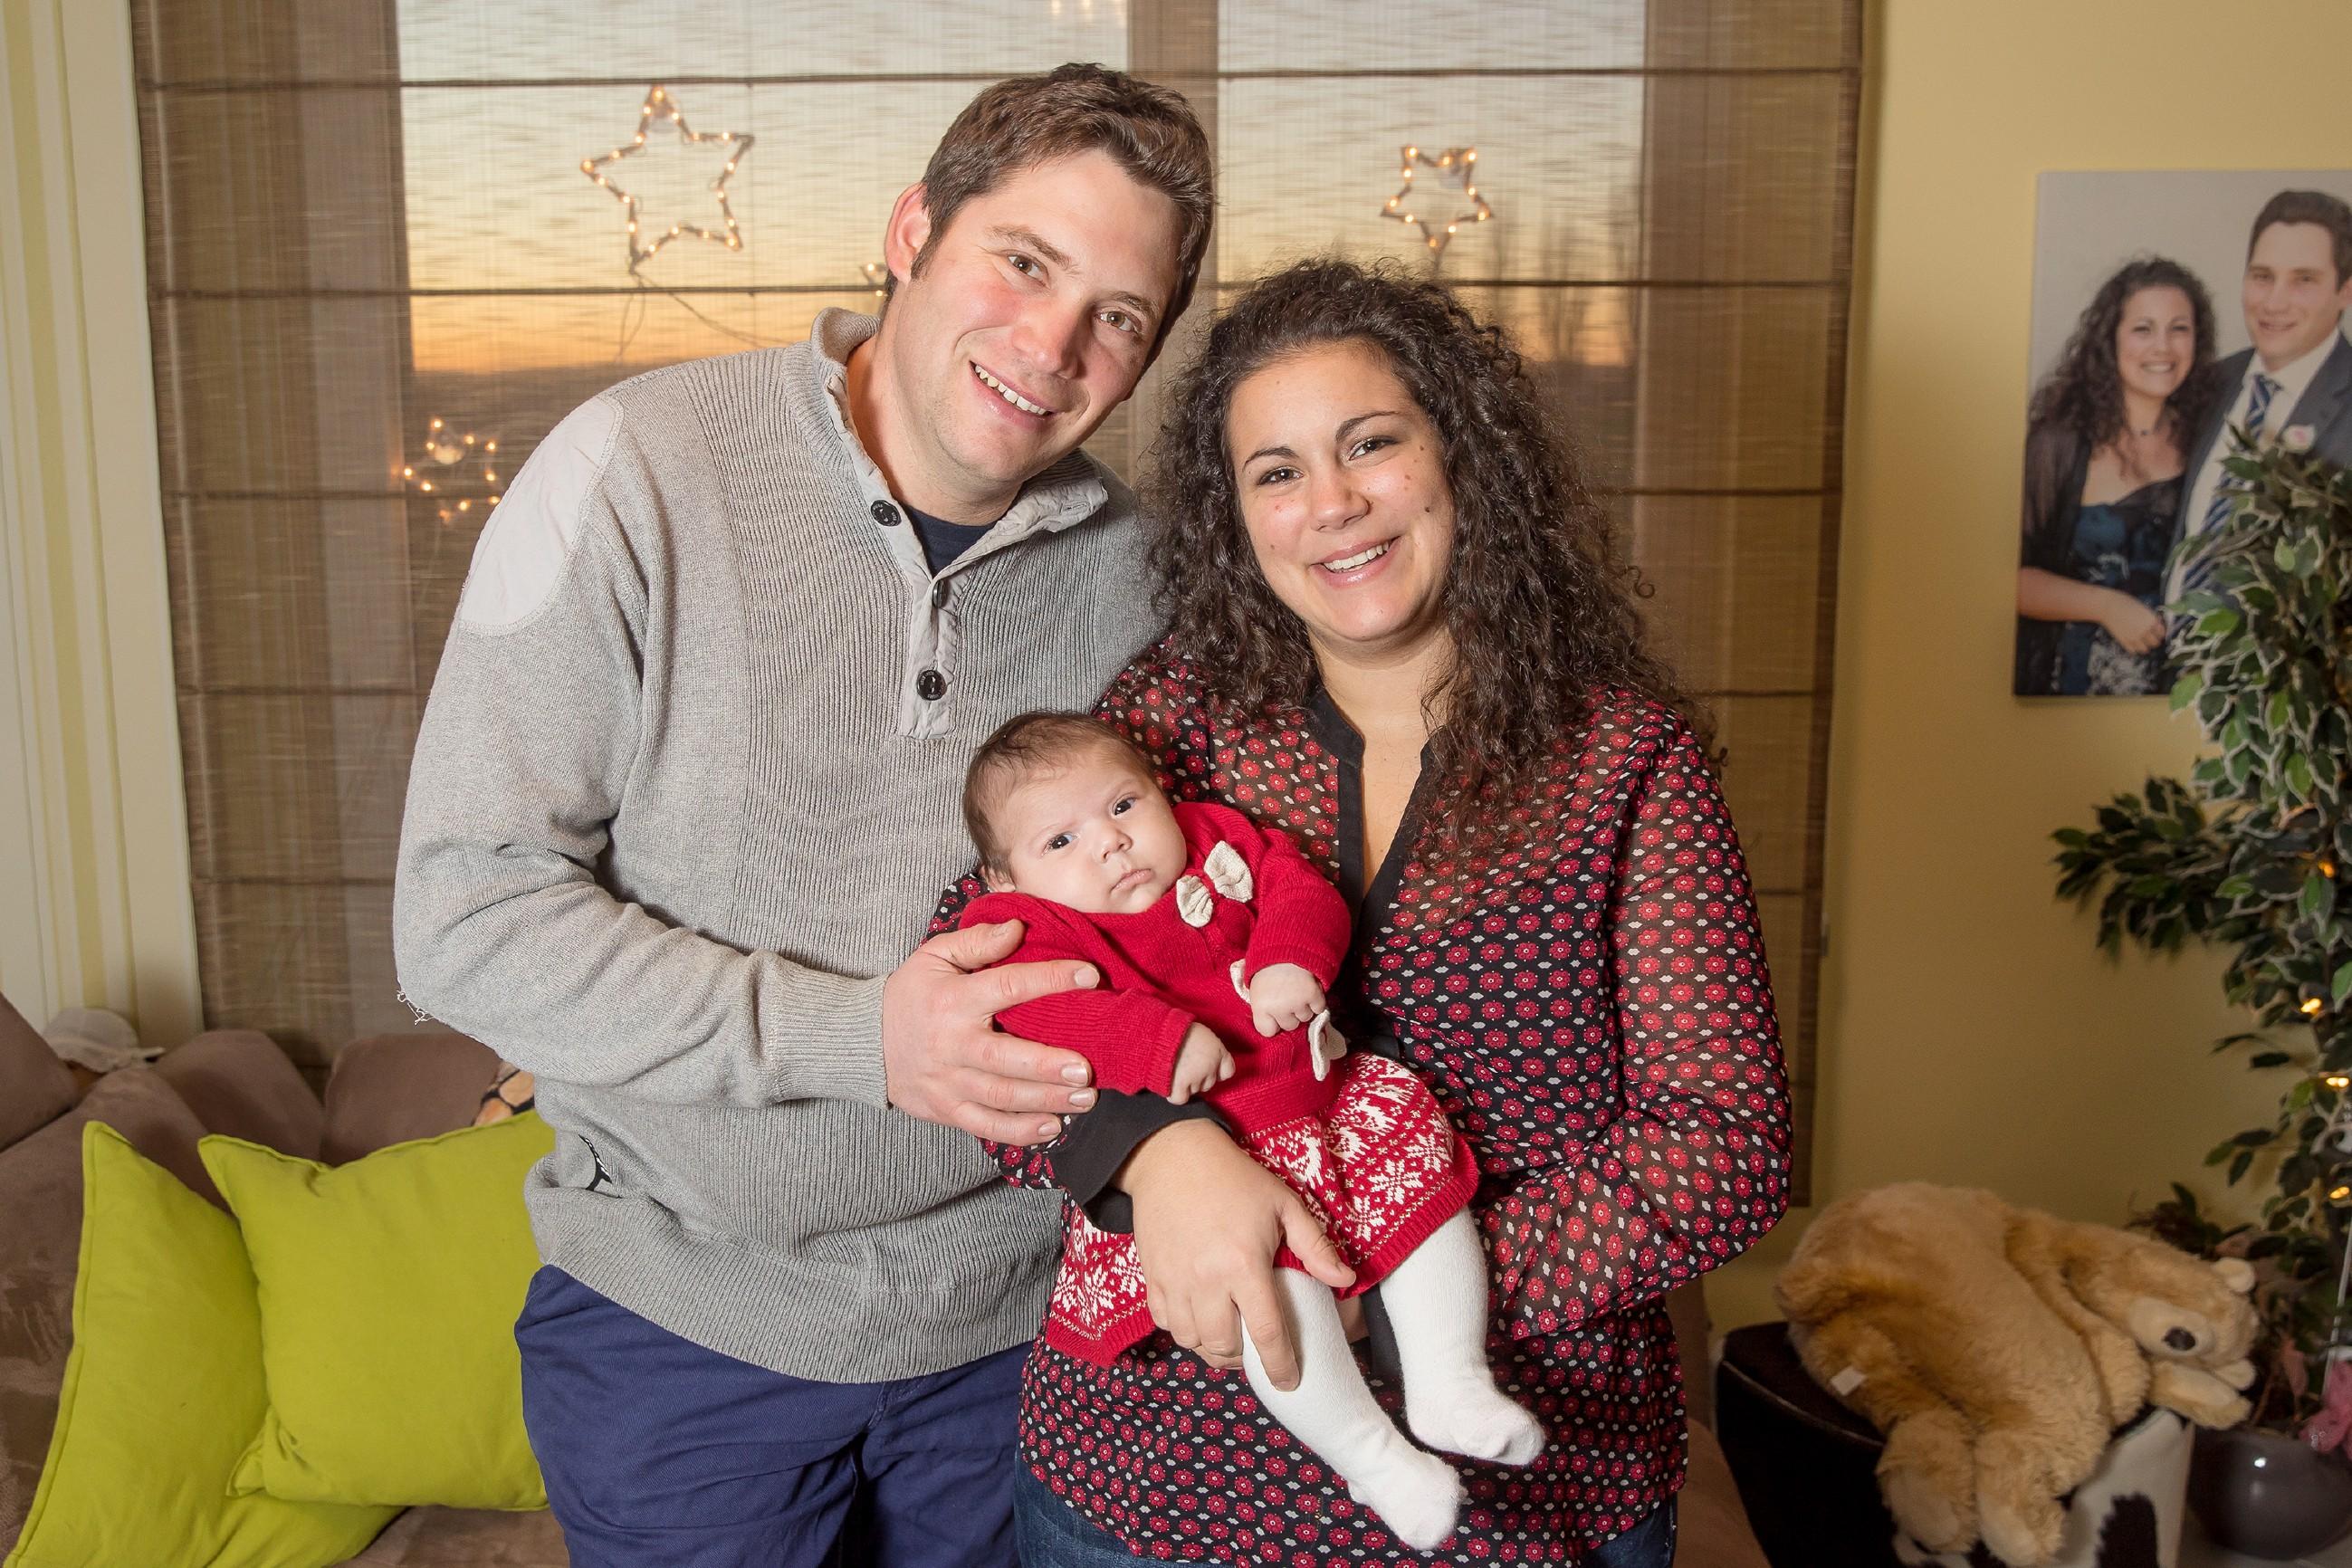 Bauer sucht Frau: Guy und Victoria glücklich mit Baby